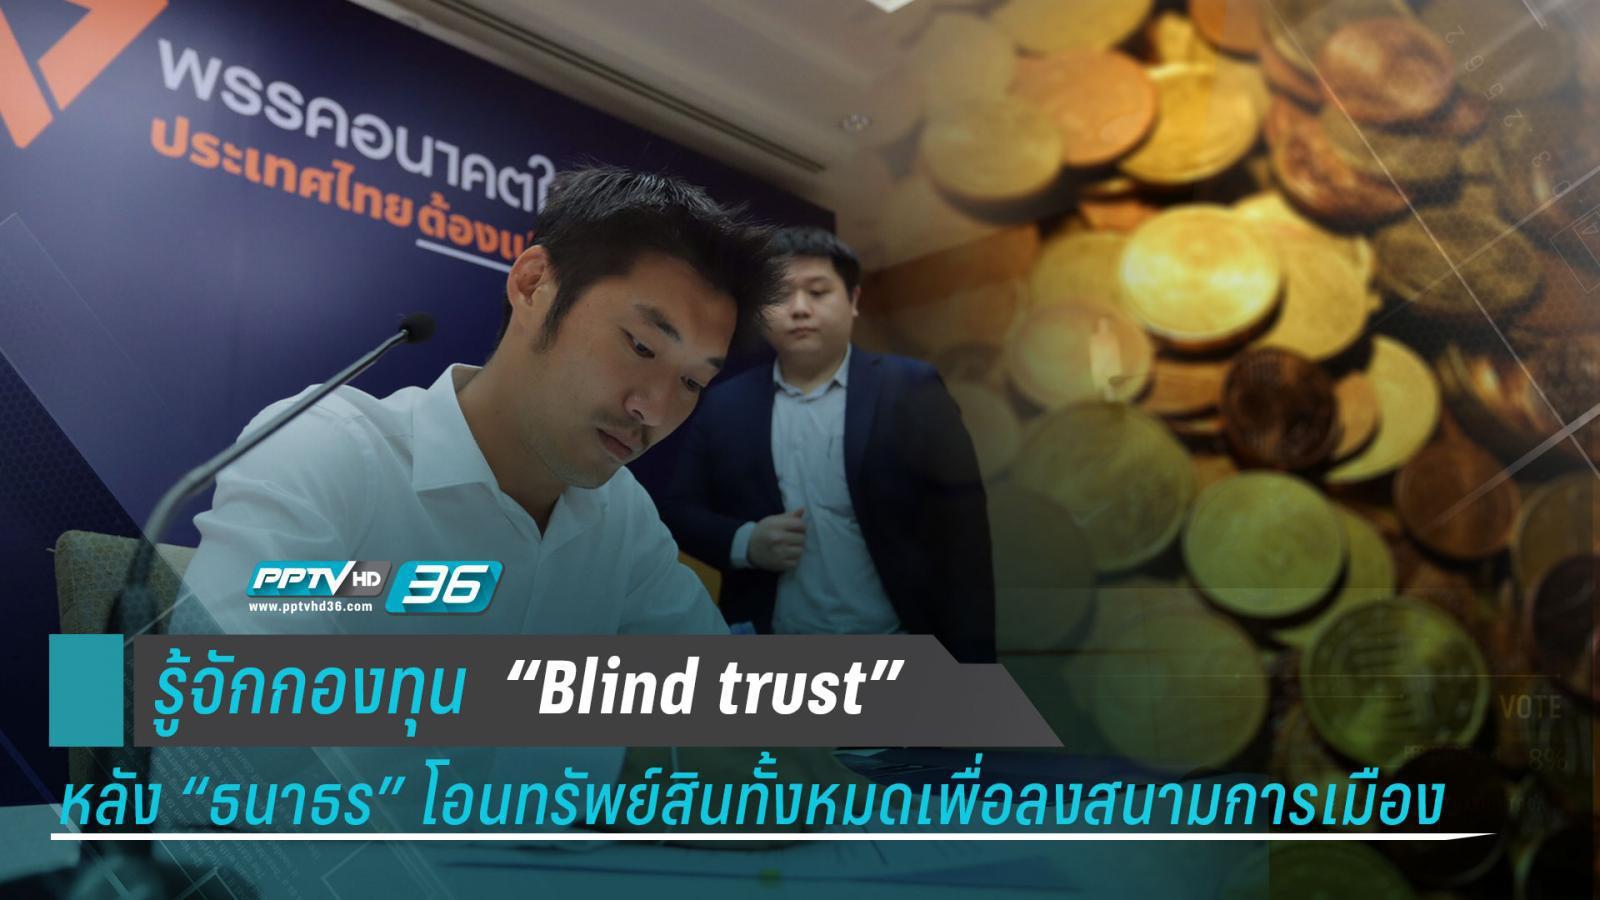 """กองทุน  """"Blind trust""""  แยกการเมืองจากธุรกิจได้จริงหรือ"""